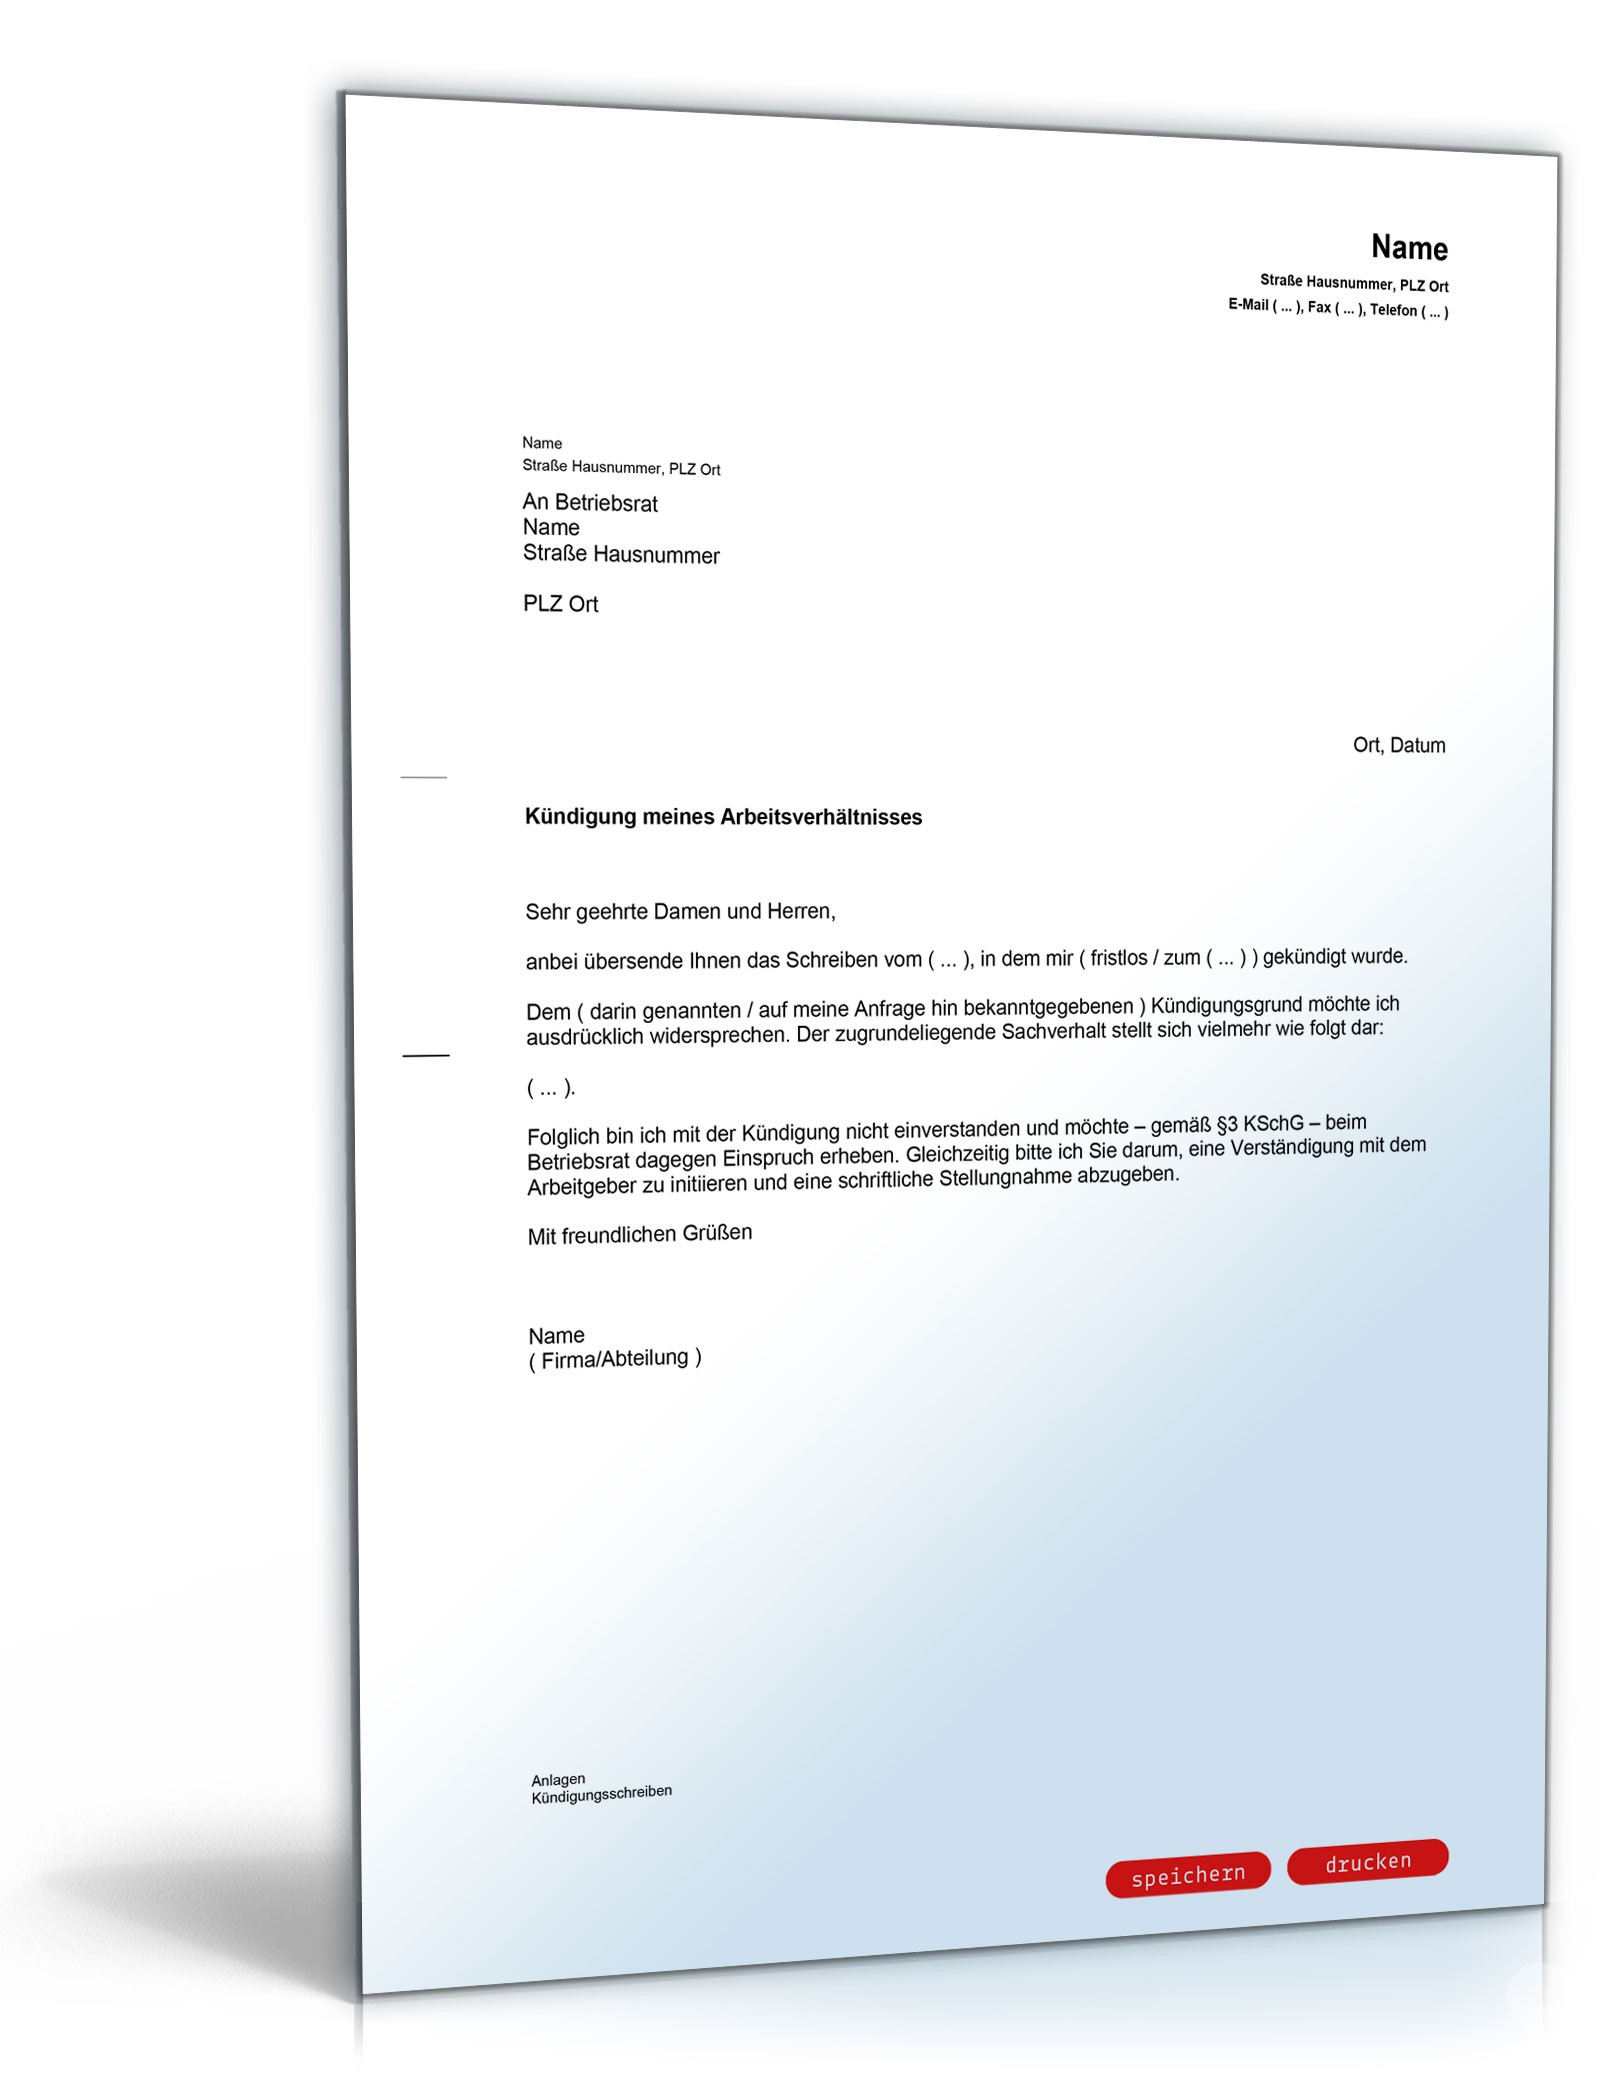 Einspruch Gegen Kündigung Beim Betriebsrat Muster Zum Download